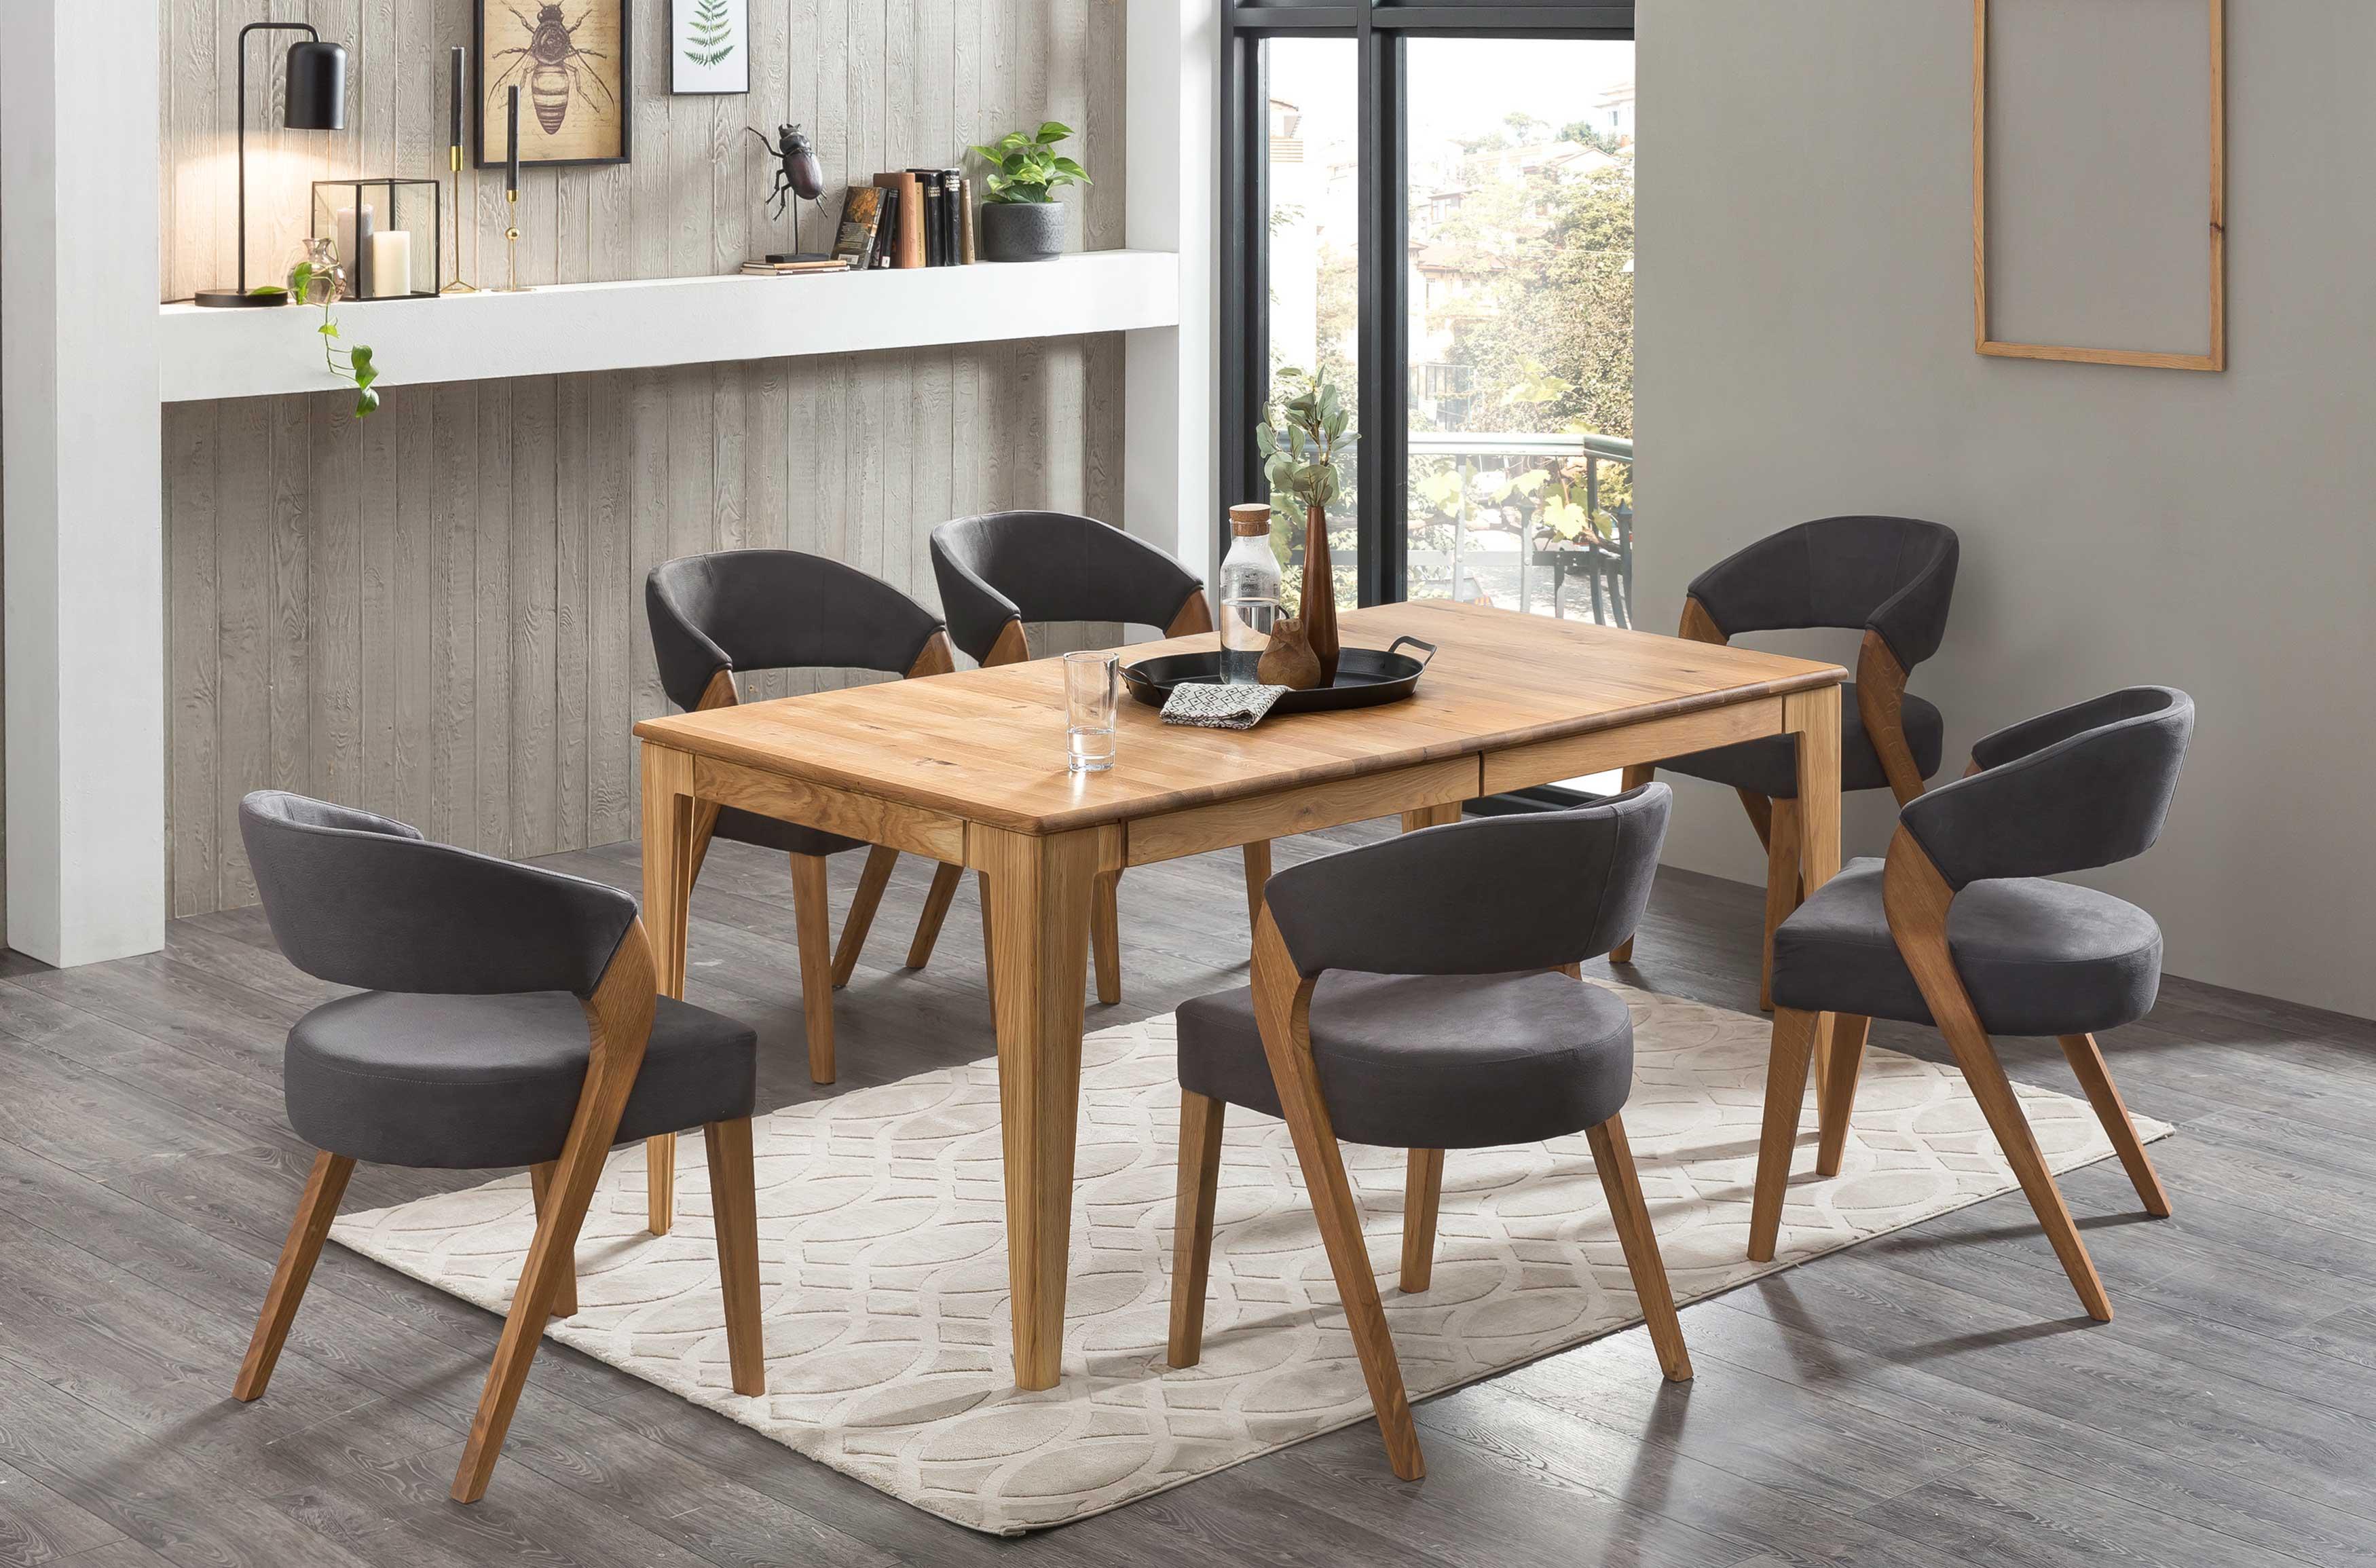 Standard Furniture Tischgruppe mit Avignon Massivholztisch und Stühlen Almada eiche rustikal